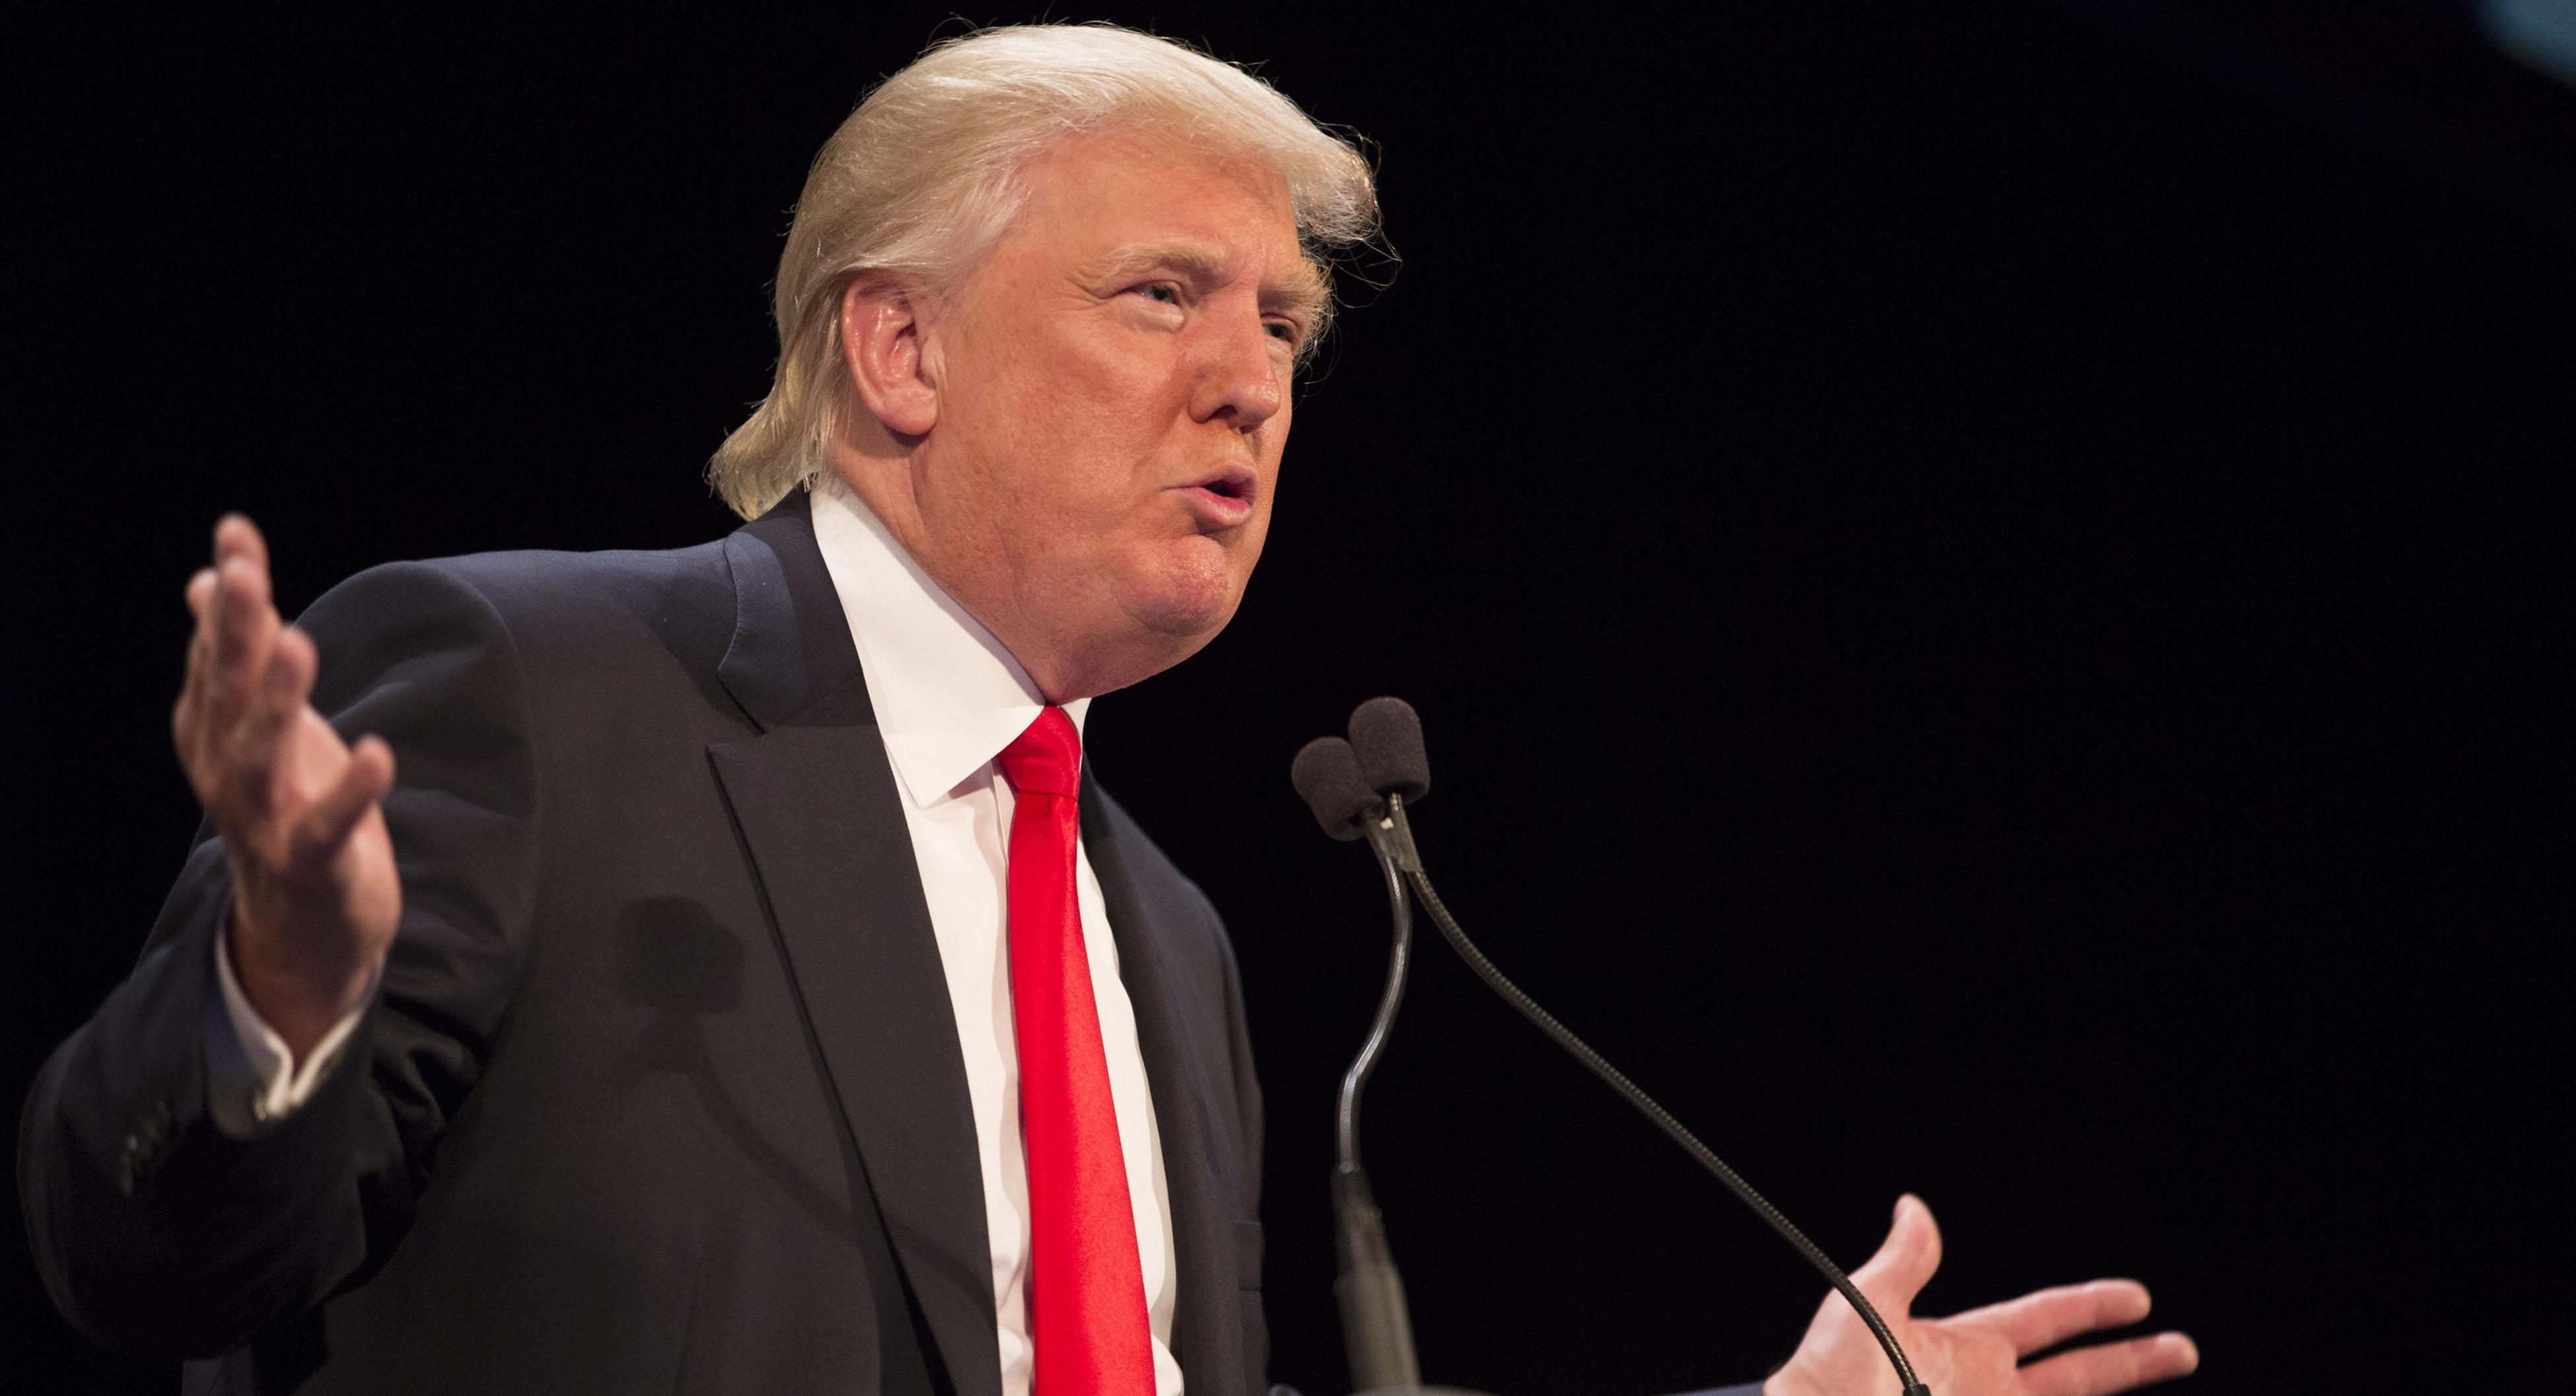 دونالد ترامب سيُعيد اللاجئين السوريين إلى ديارهم إذا أنتخب رئيساً